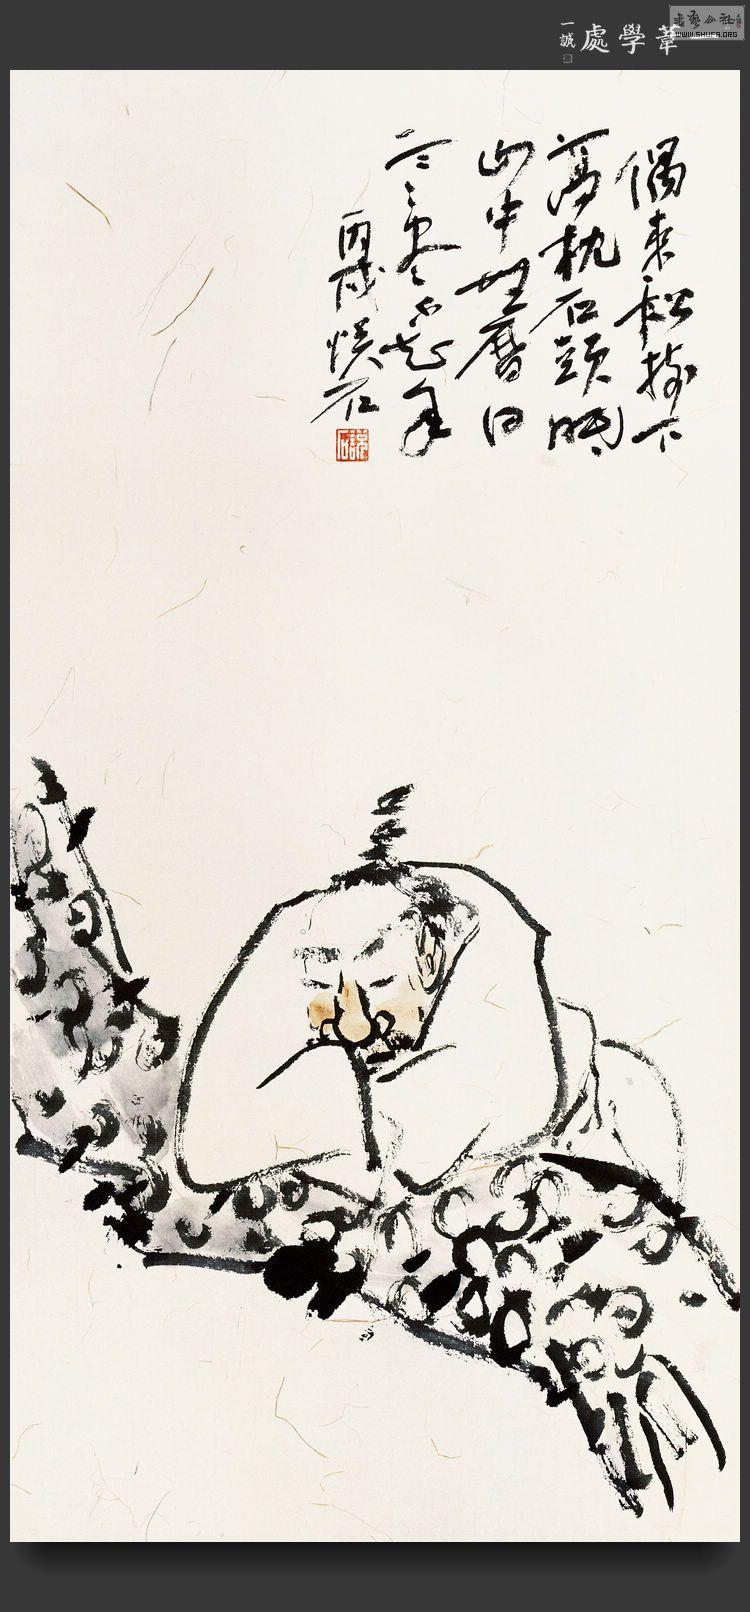 吴悦石禅品水墨·最新小品集·大图全赏·《莲》五本朴书院·一苇学处图片